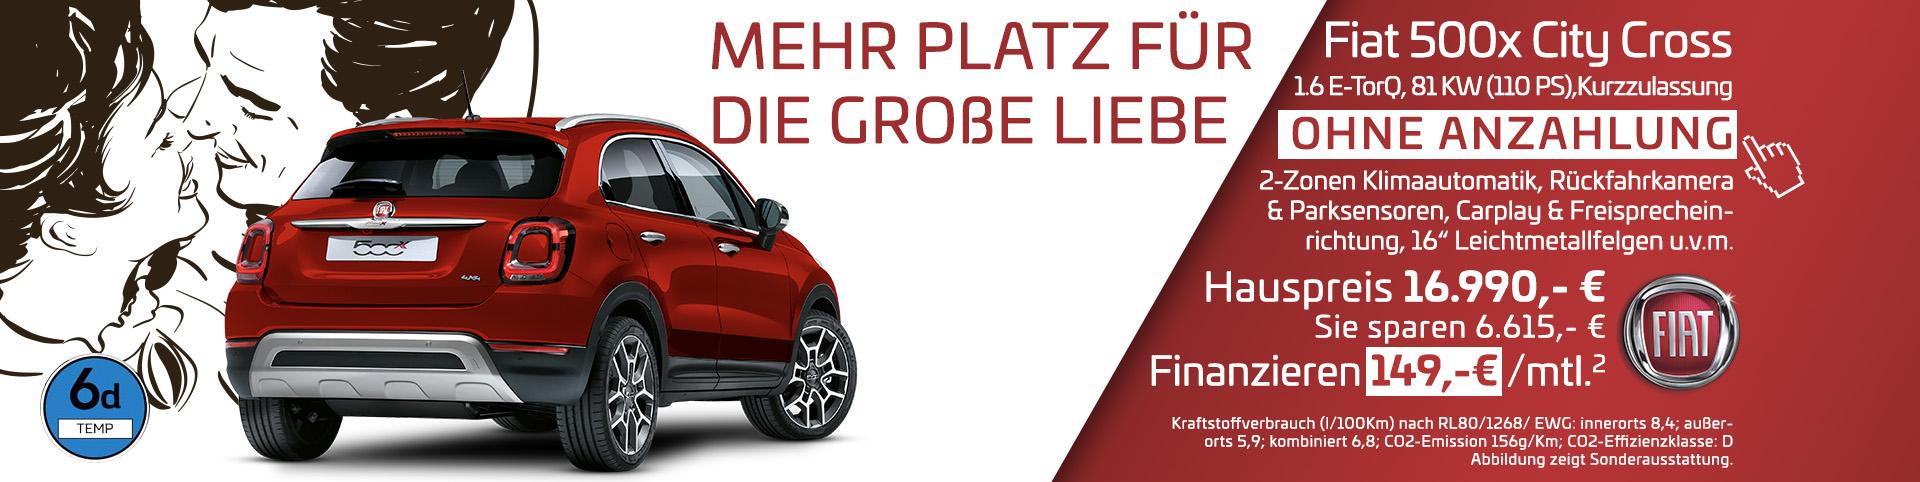 Fiat 500X Finanzierung ohne Anzahlung